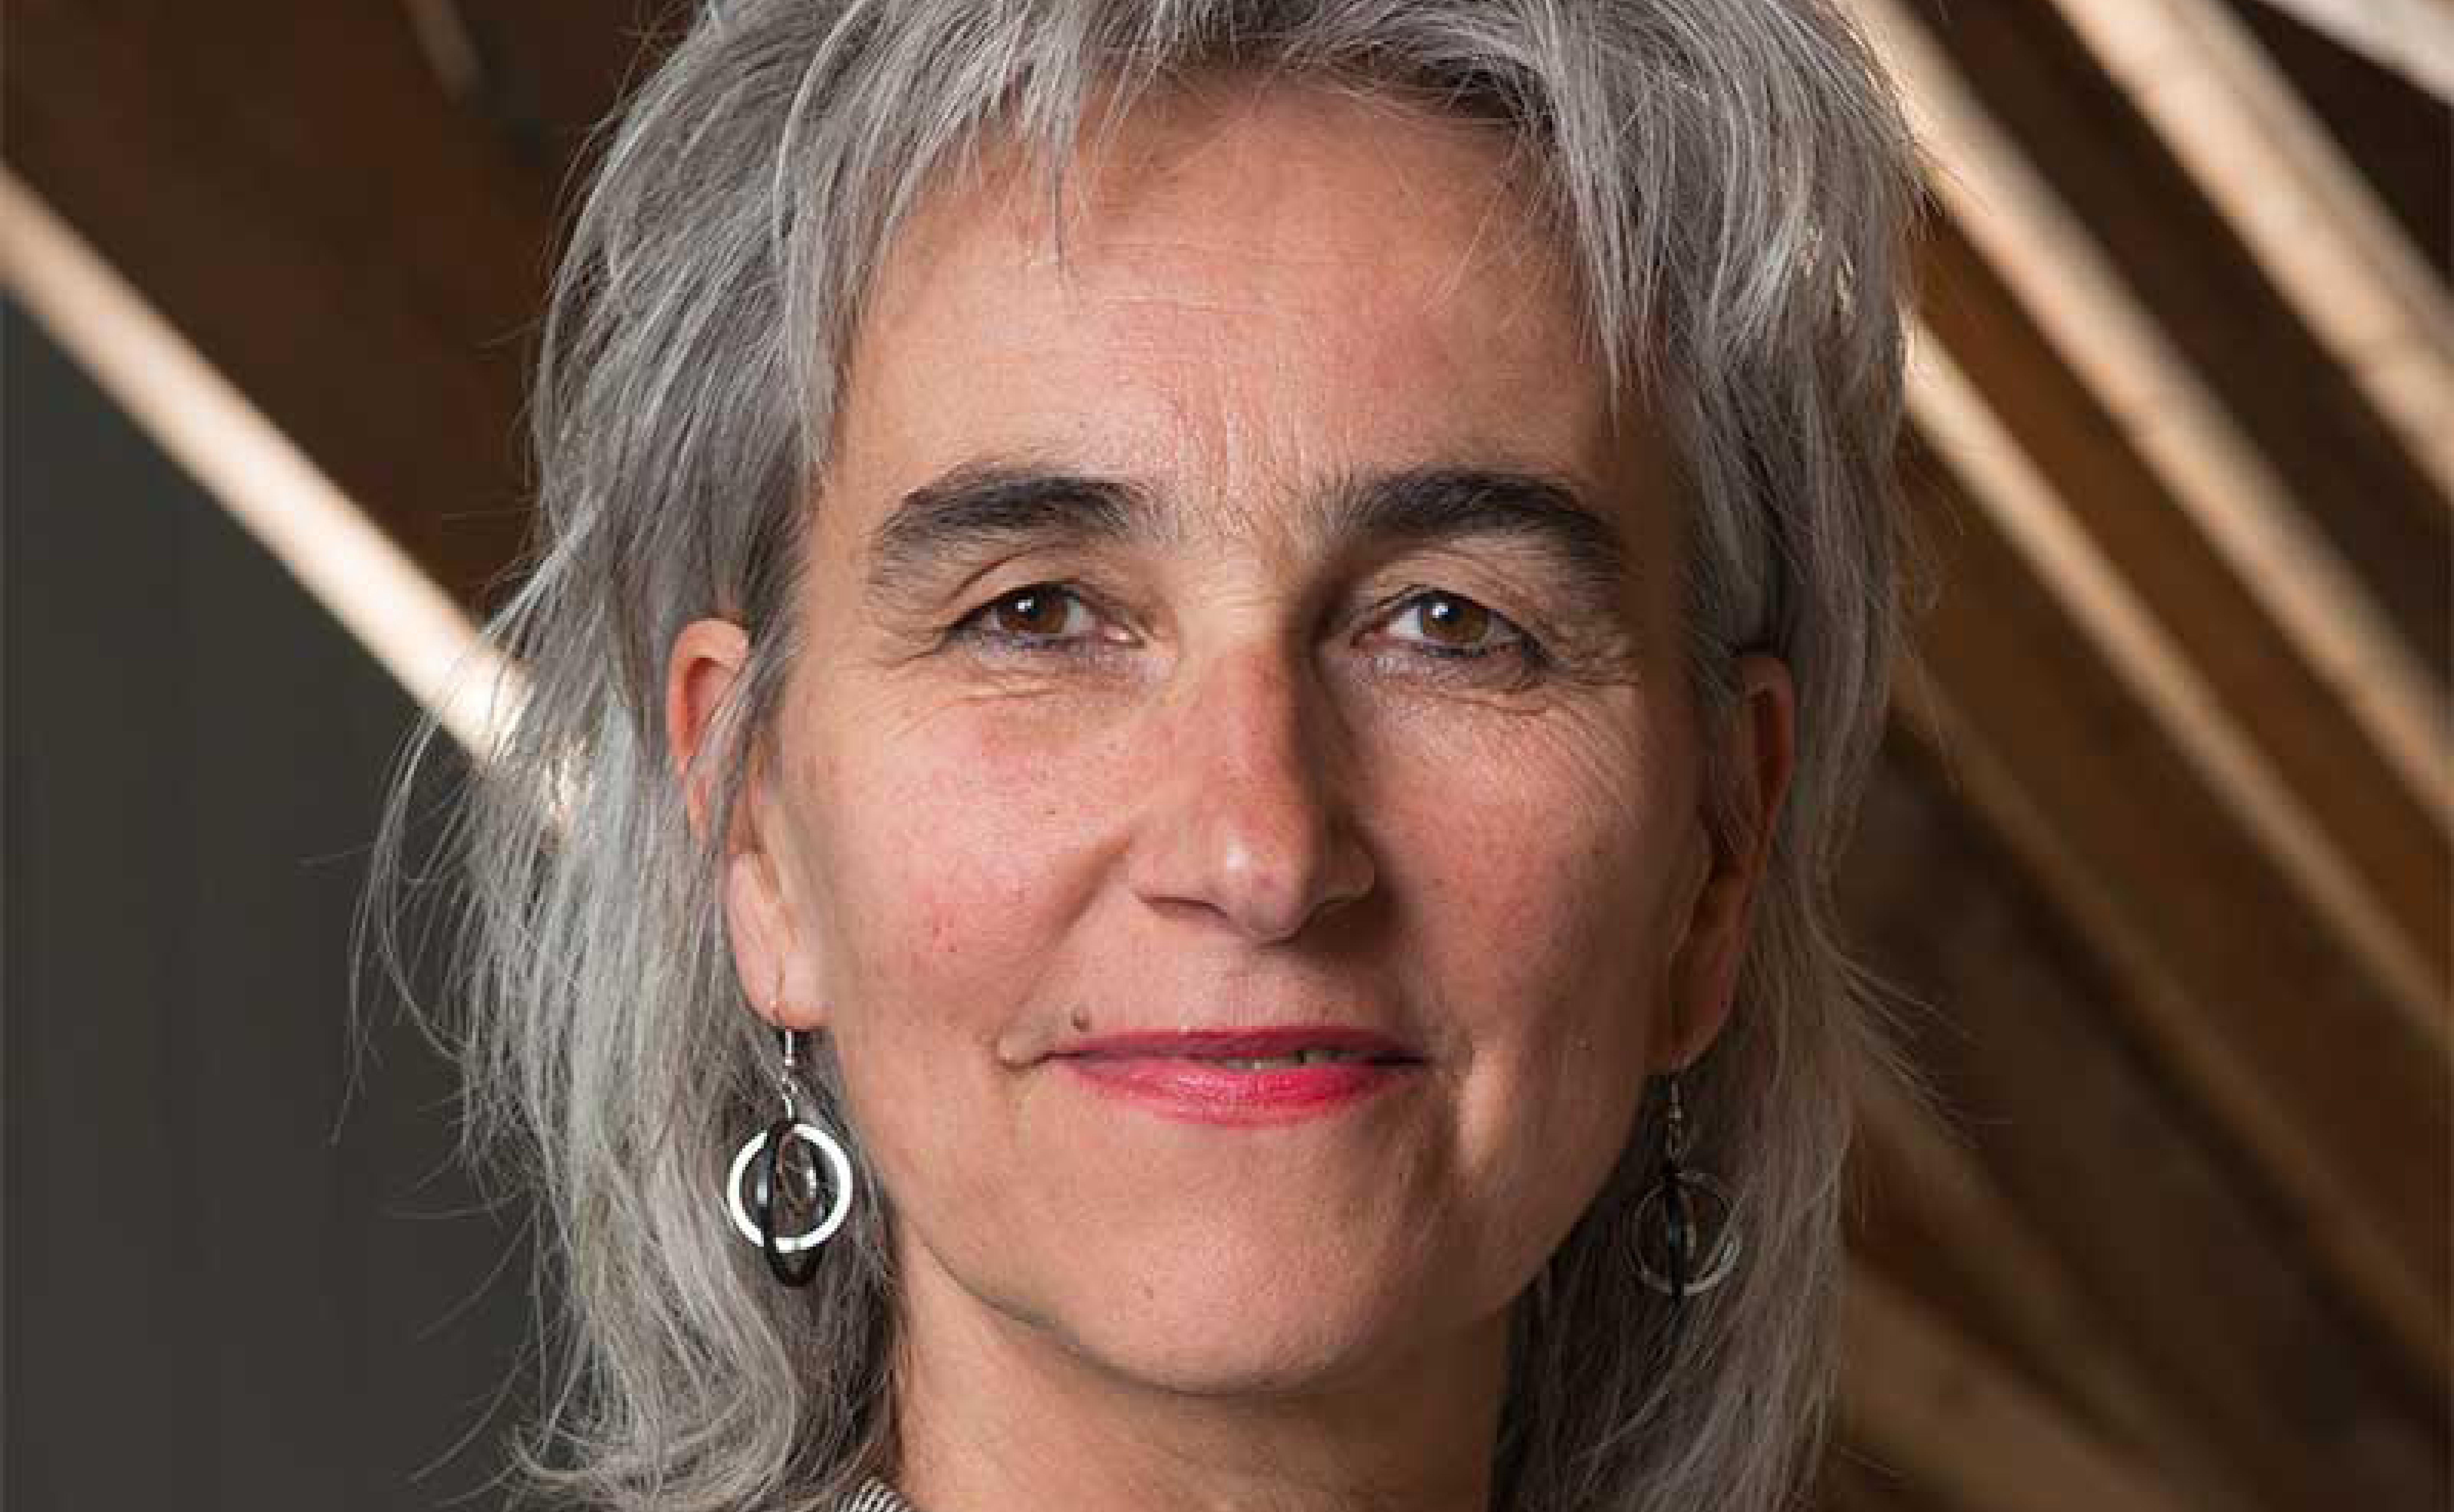 Professor Marion Koopmans. Image credit - M.P.G. Koopmans, Erasmus MC 2020